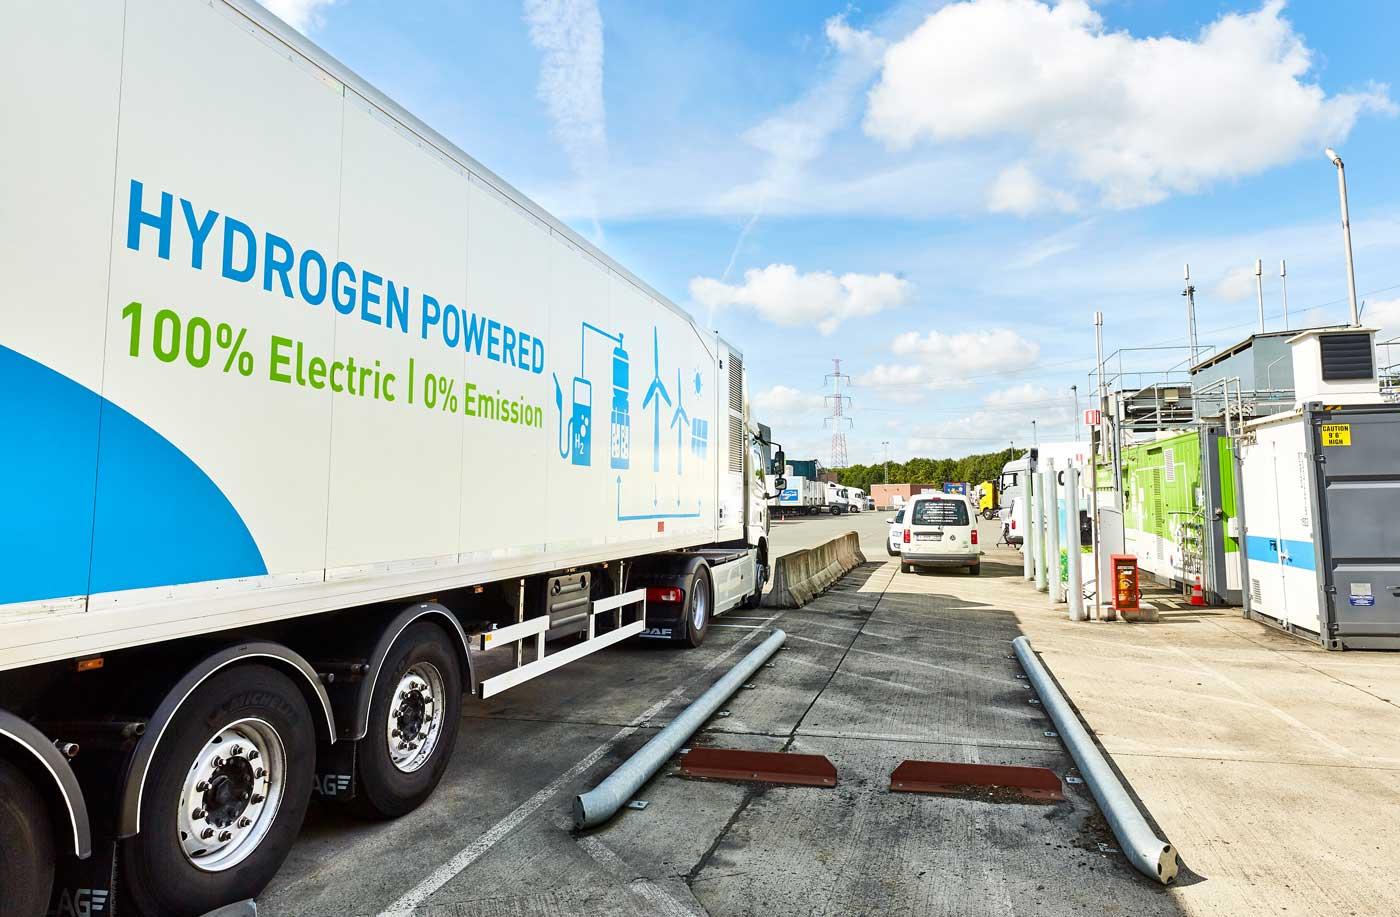 L'Europe lance un appel à projets sur l'hydrogène renouvelable